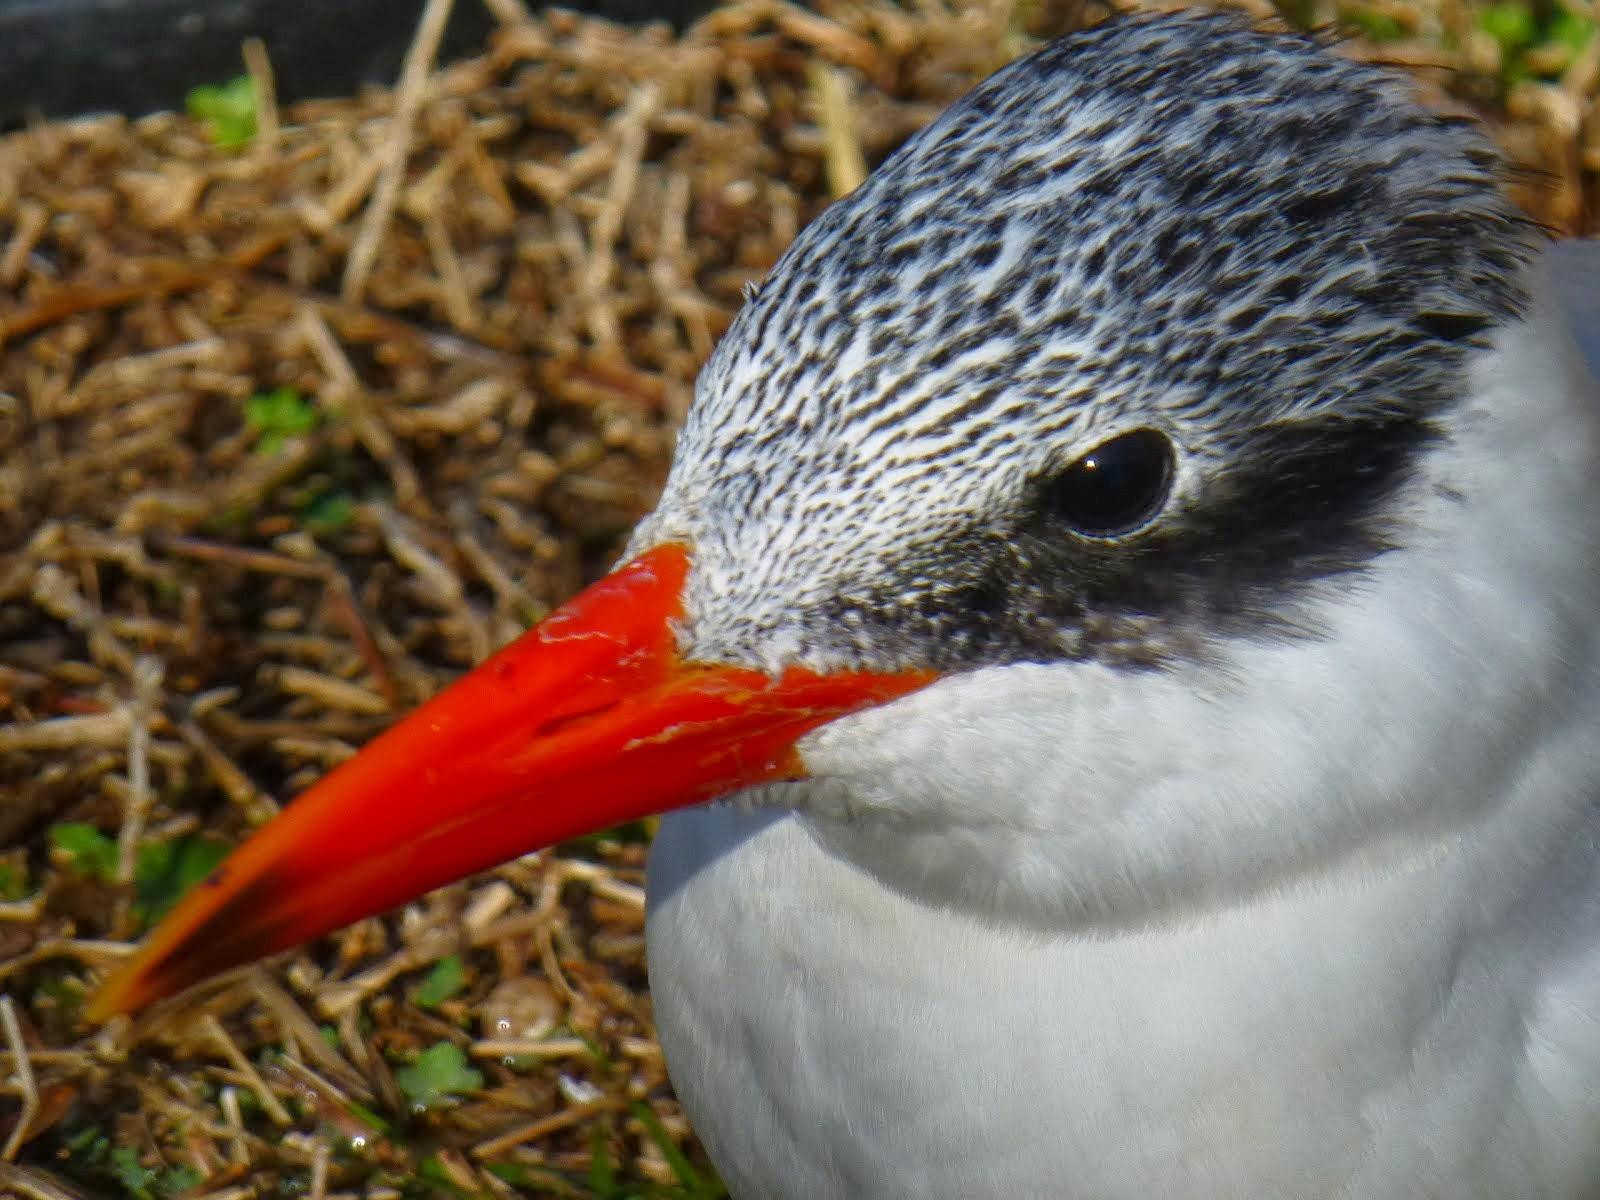 Handsome Caspian Tern